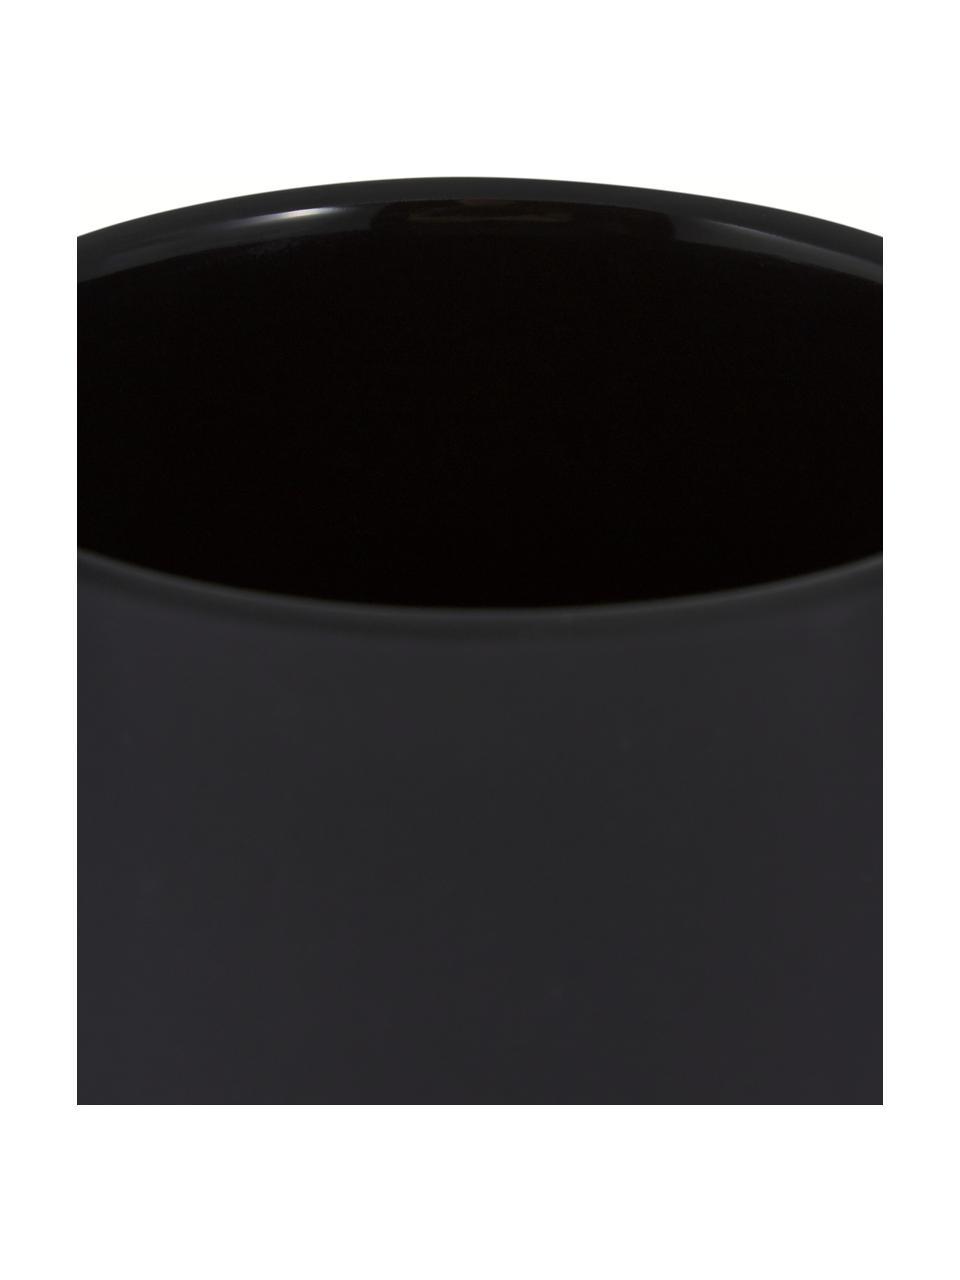 Seifenspender Ume aus Steingut, Behälter: Steingut überzogen mit So, Schwarz, matt, Ø 8 x H 13 cm